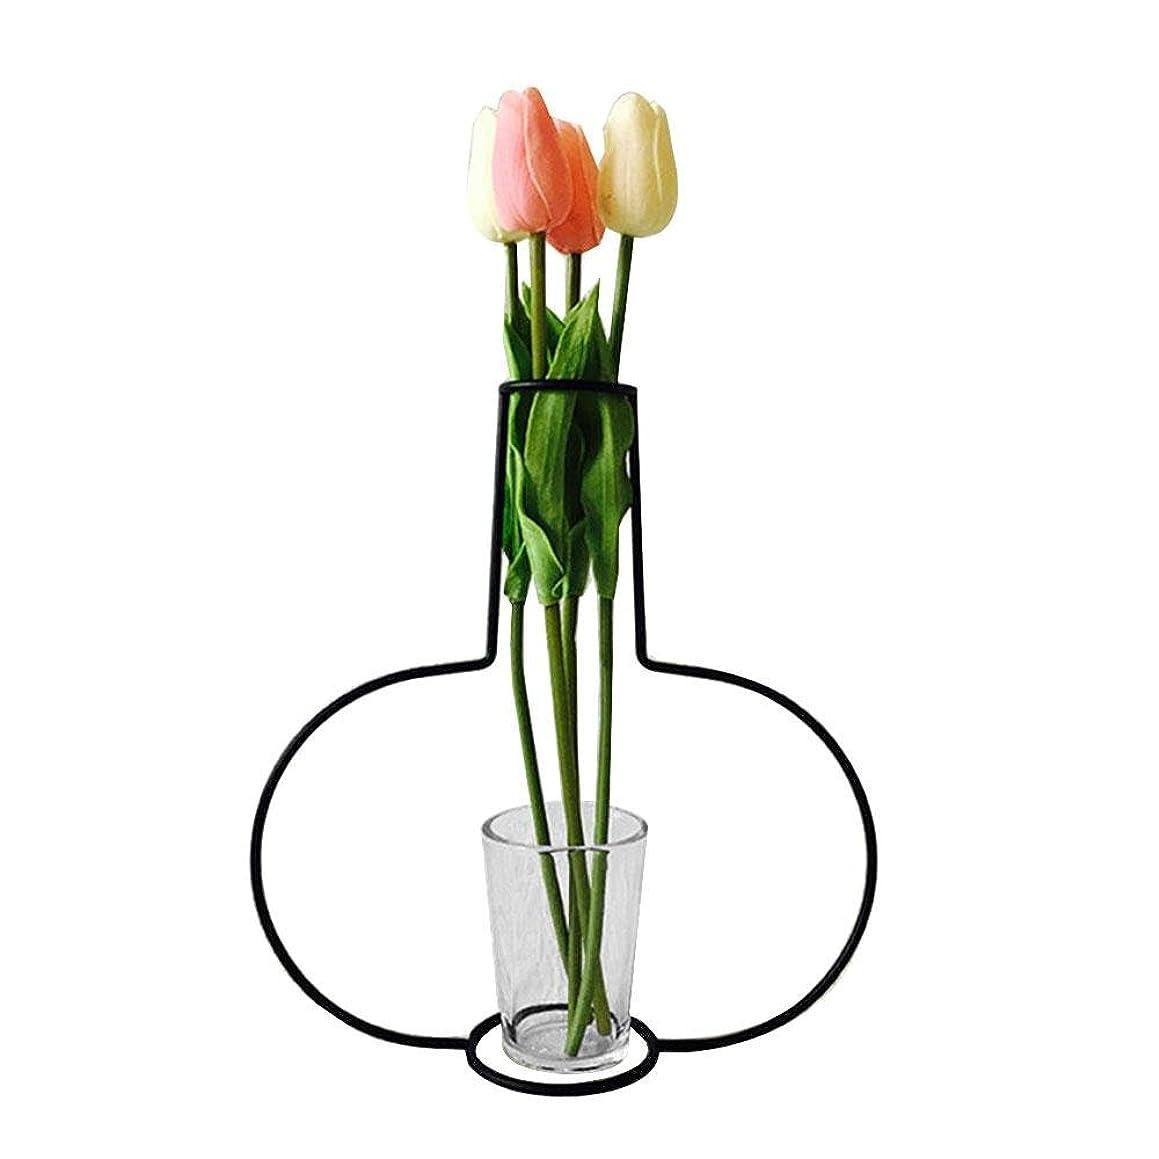 うがい花に水をやるチャンピオンシップJicorzo - グローブフェアリーミニチュアガーデン装飾アイアンアートクラフトシンプルバルコニーフラワーポットスタンドヴィンテージ家の庭の装飾アクセサリー[G10]